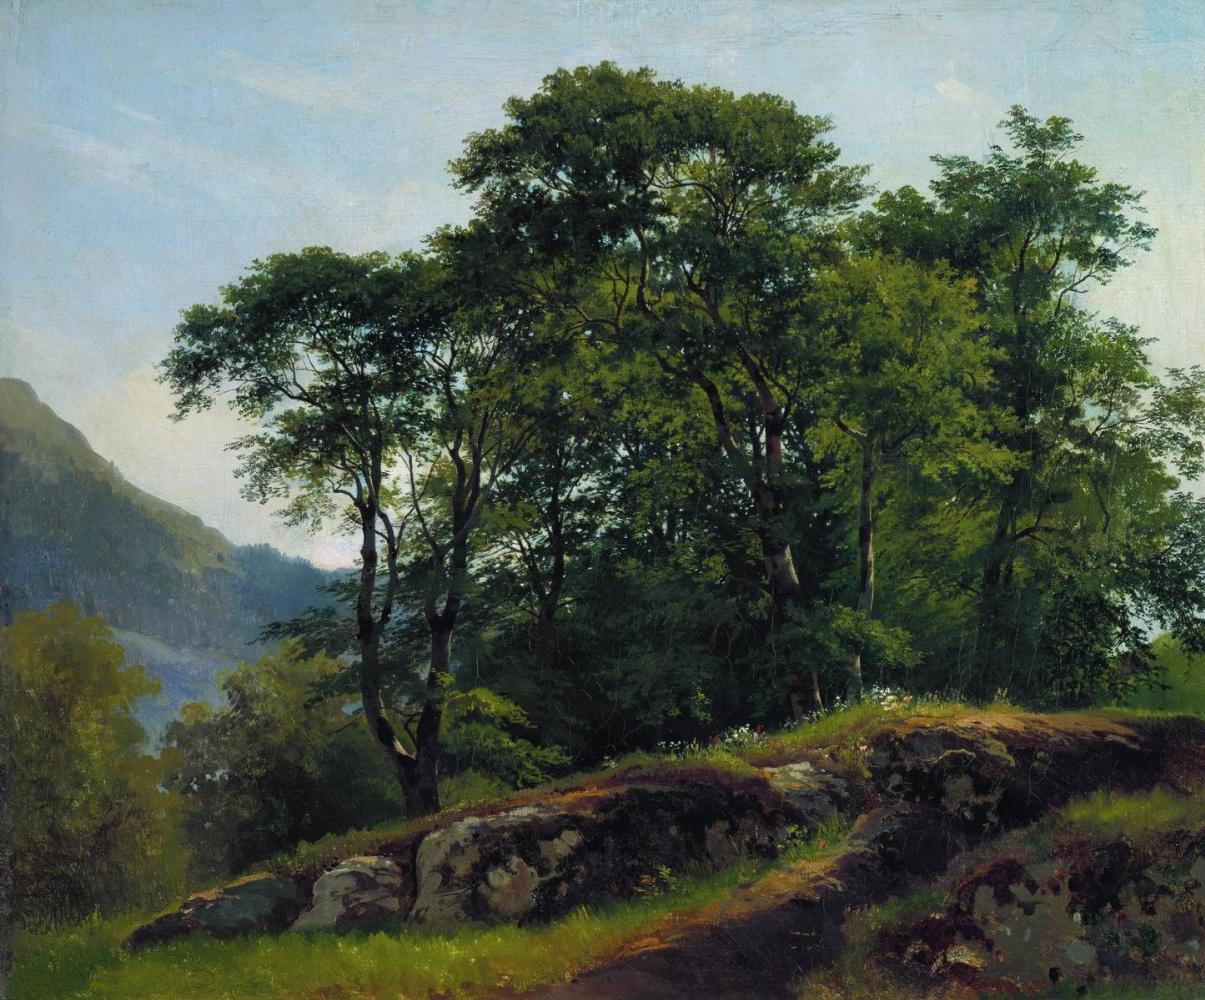 Иван Иванович Шишкин. Буковый лес в Швейцарии